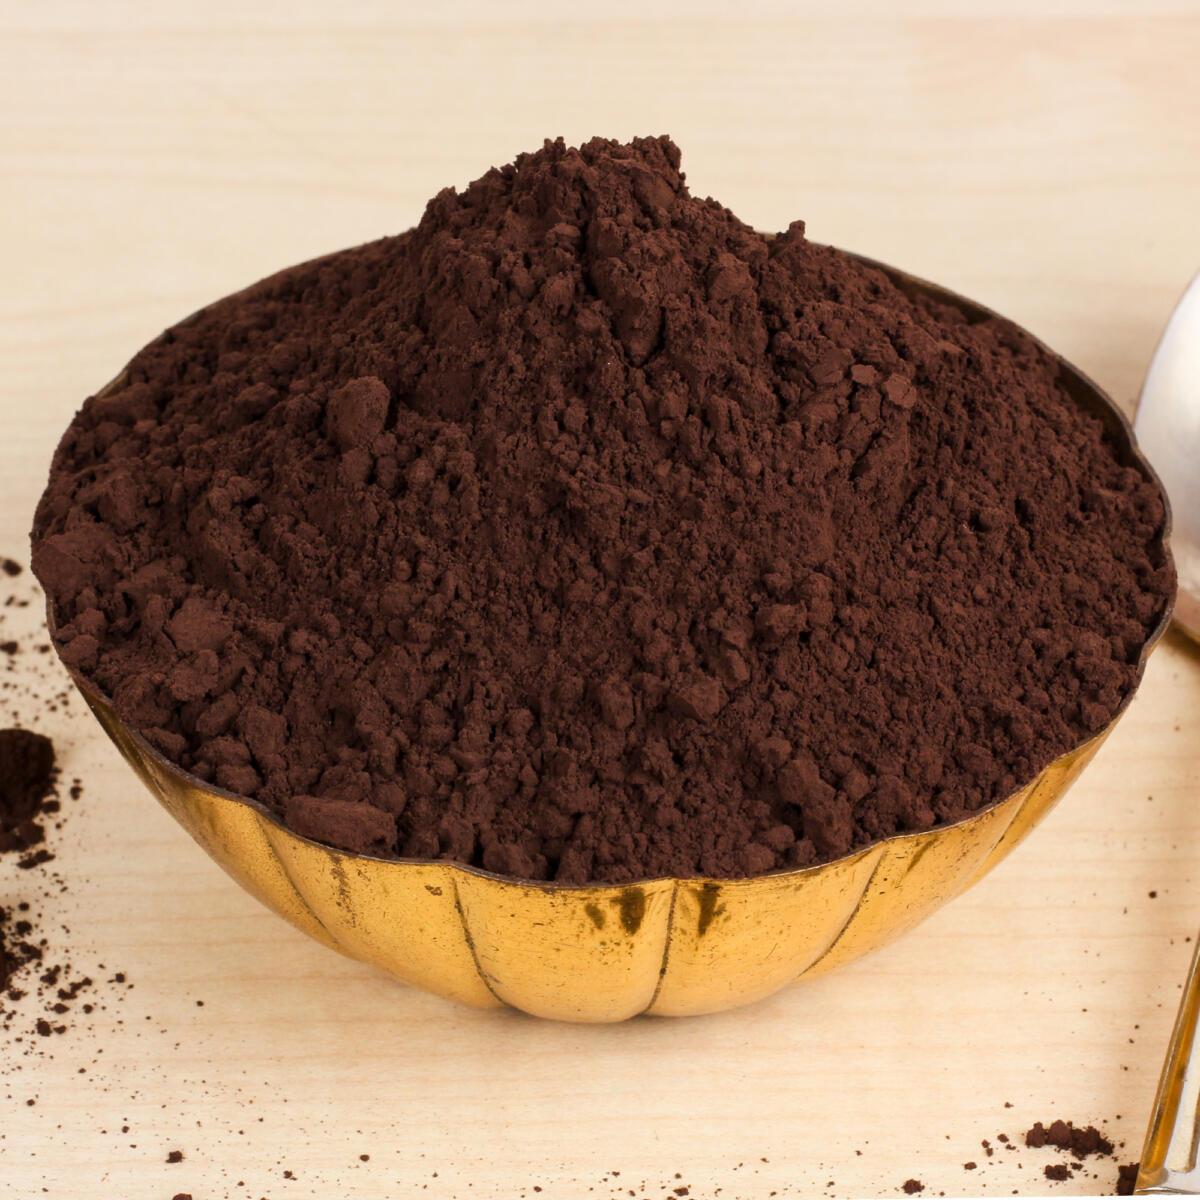 کاربردهای پودر کاکائو کارگیل اندونزی (Cargill cocoa powder)